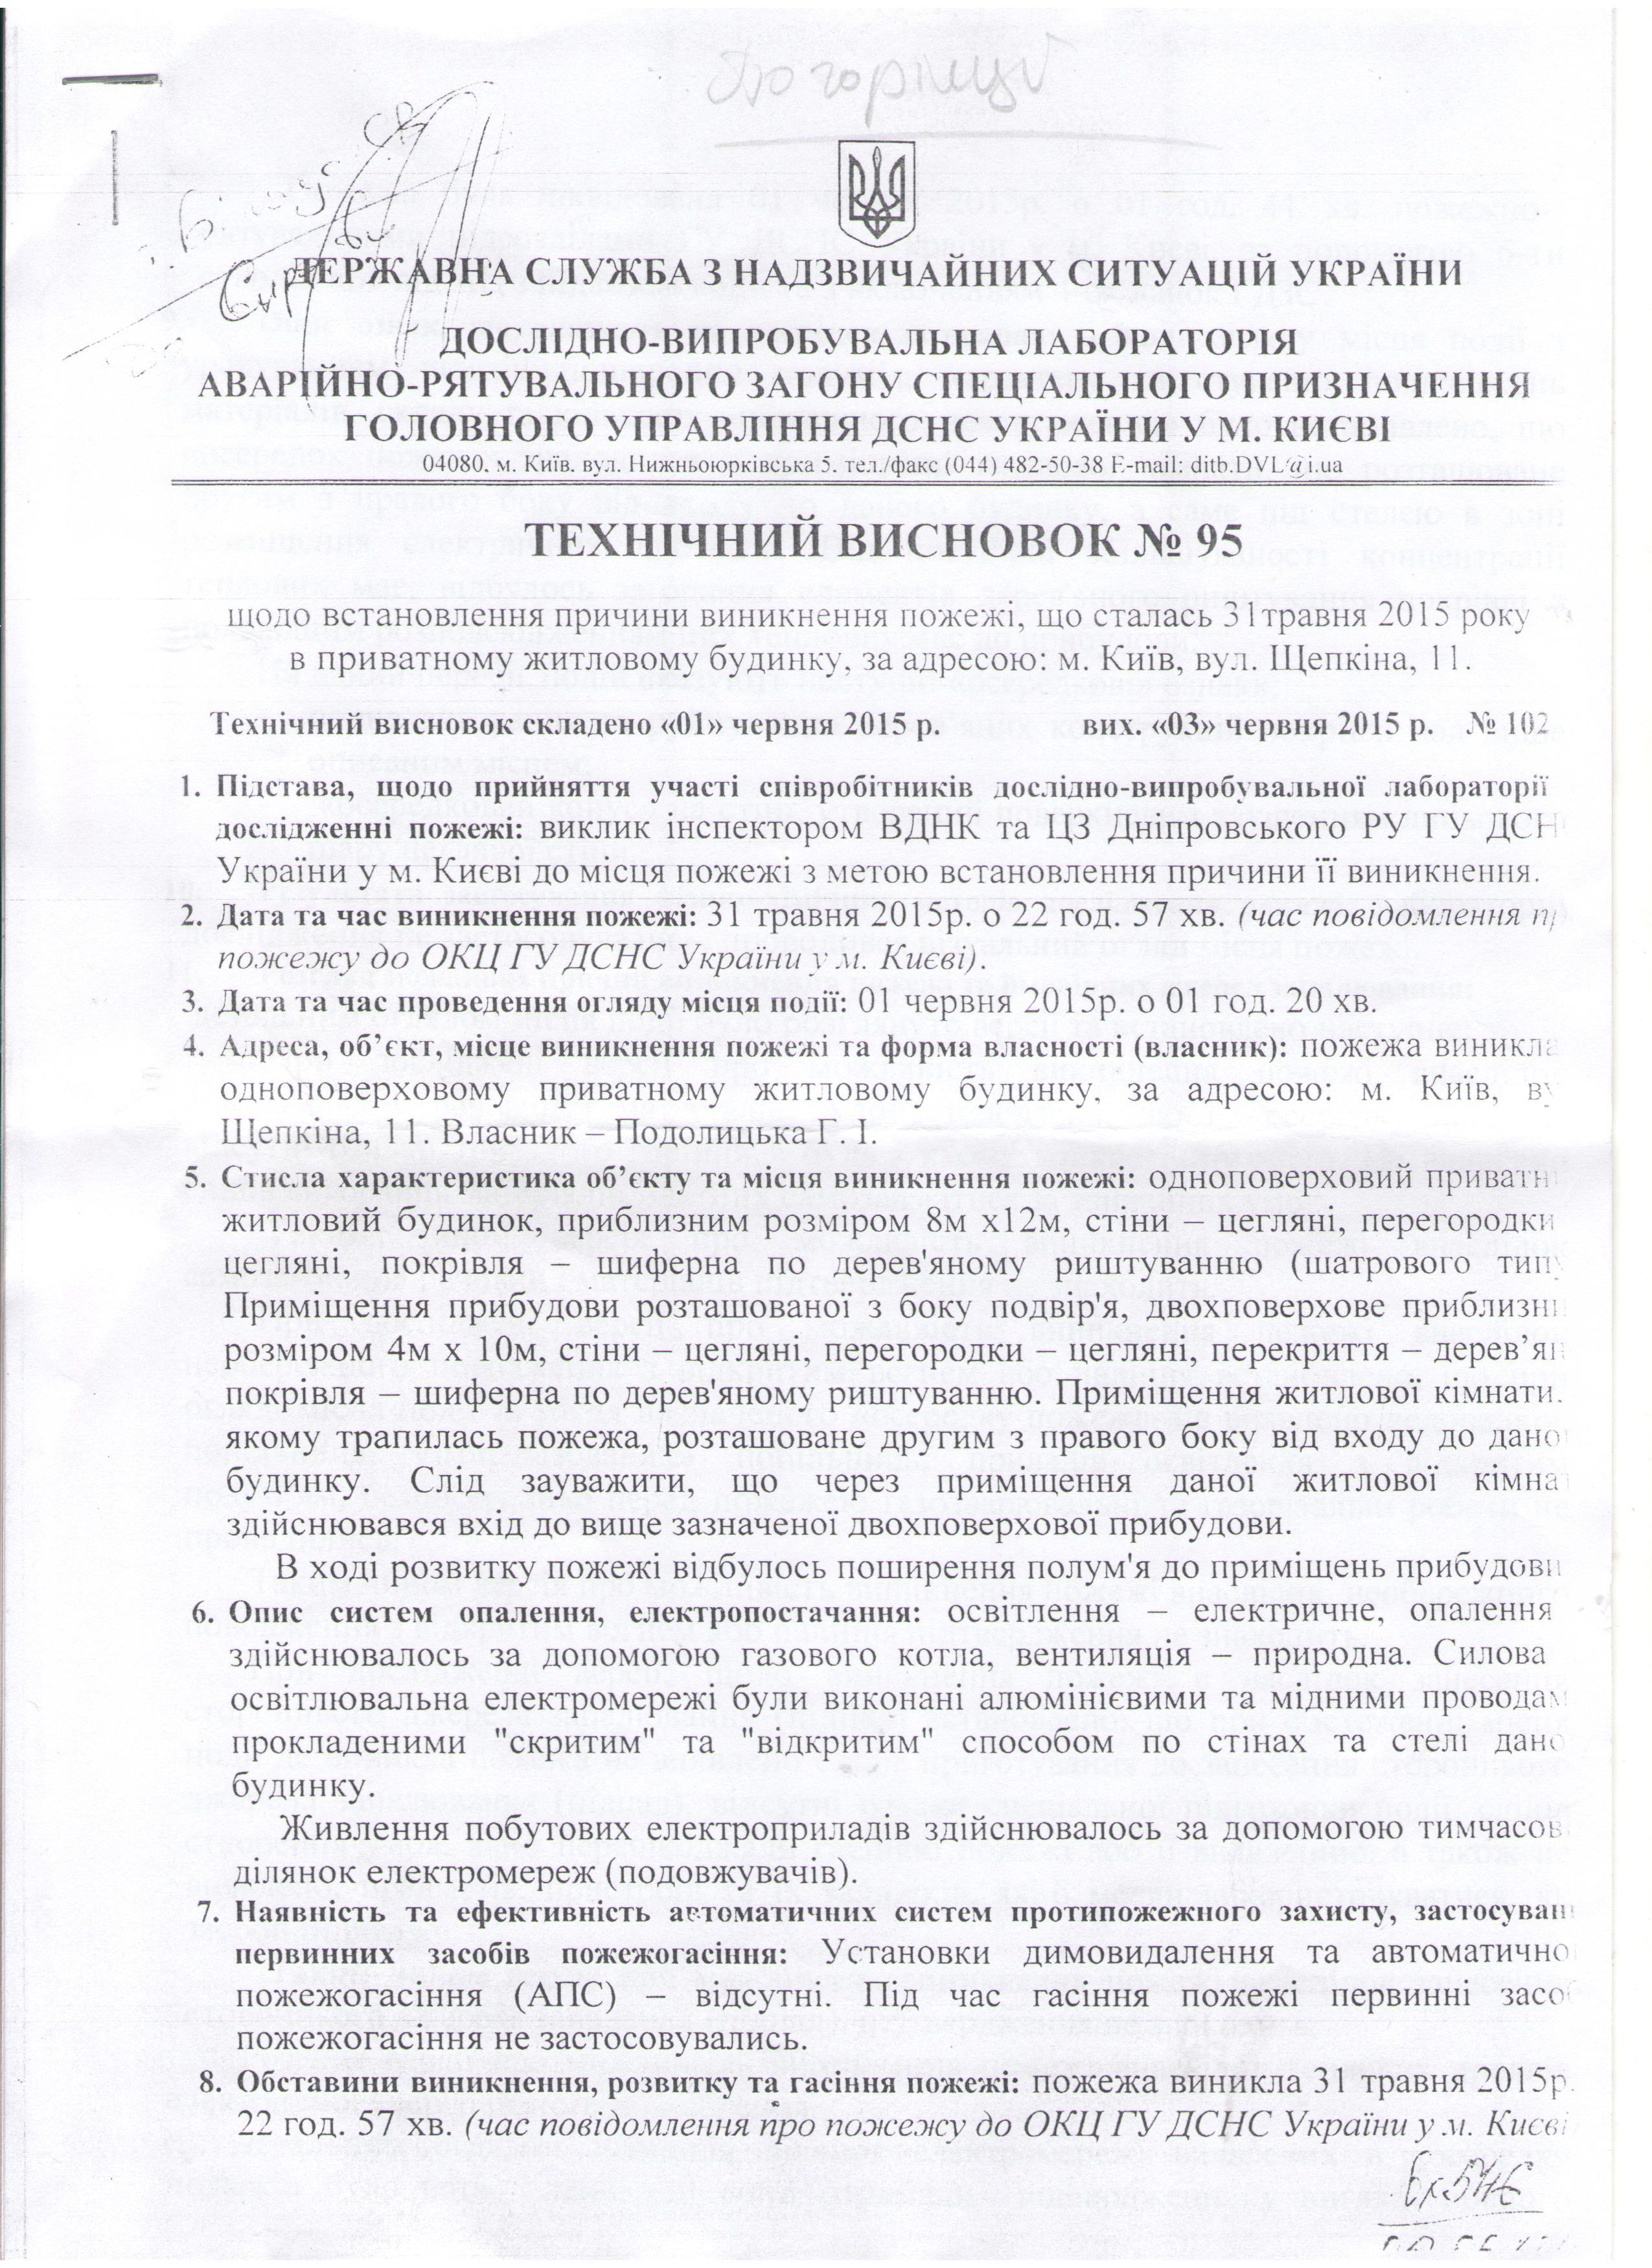 Тех висновок (1ст.)  пожежників по вул Щепкіна,11